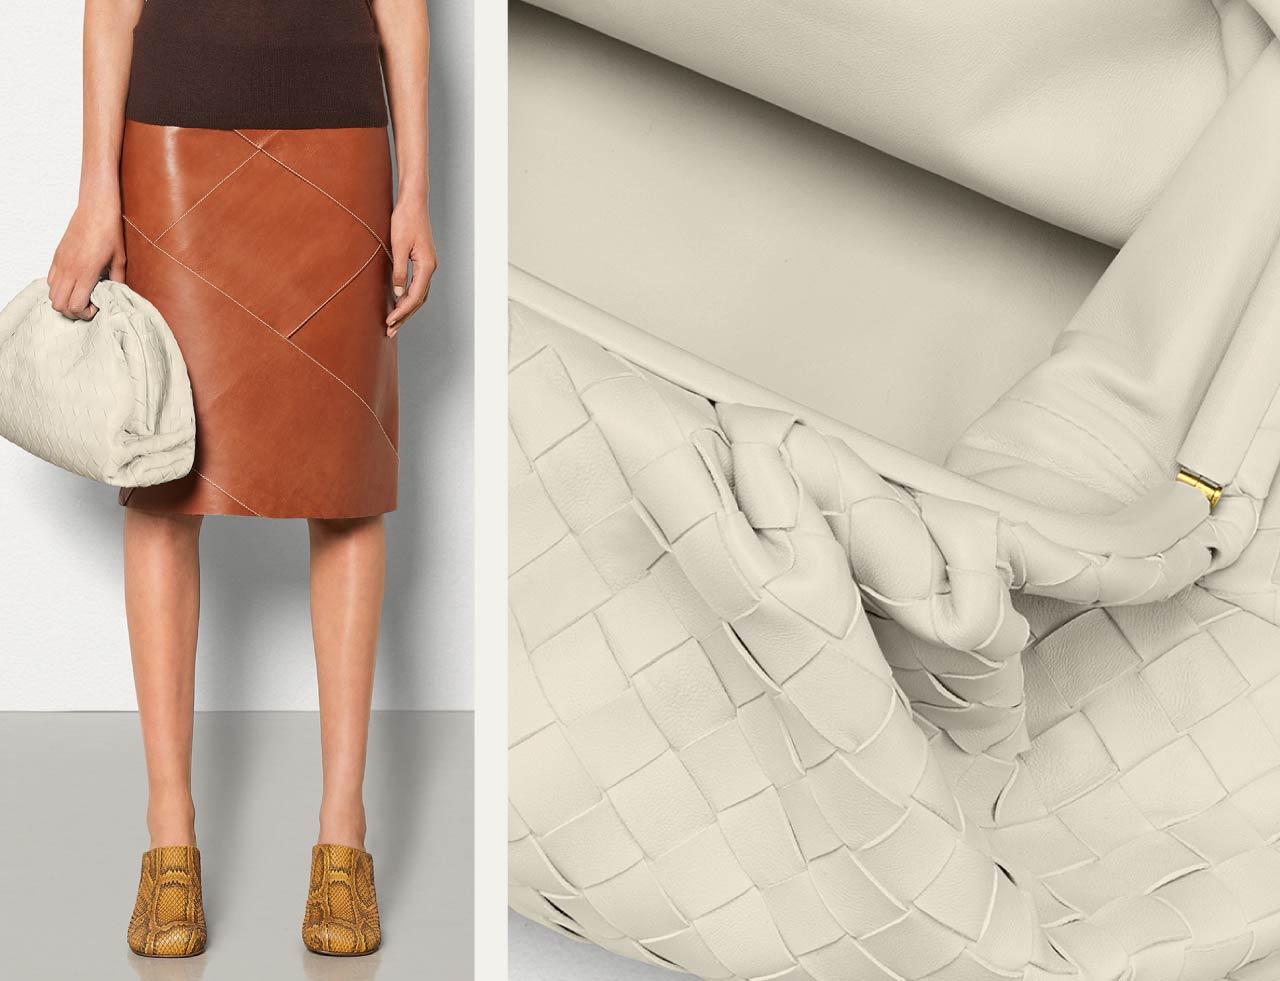 Bottega Veneta Intrecciato Weave | The Cutting Class. The Pouch bag in Plaster.